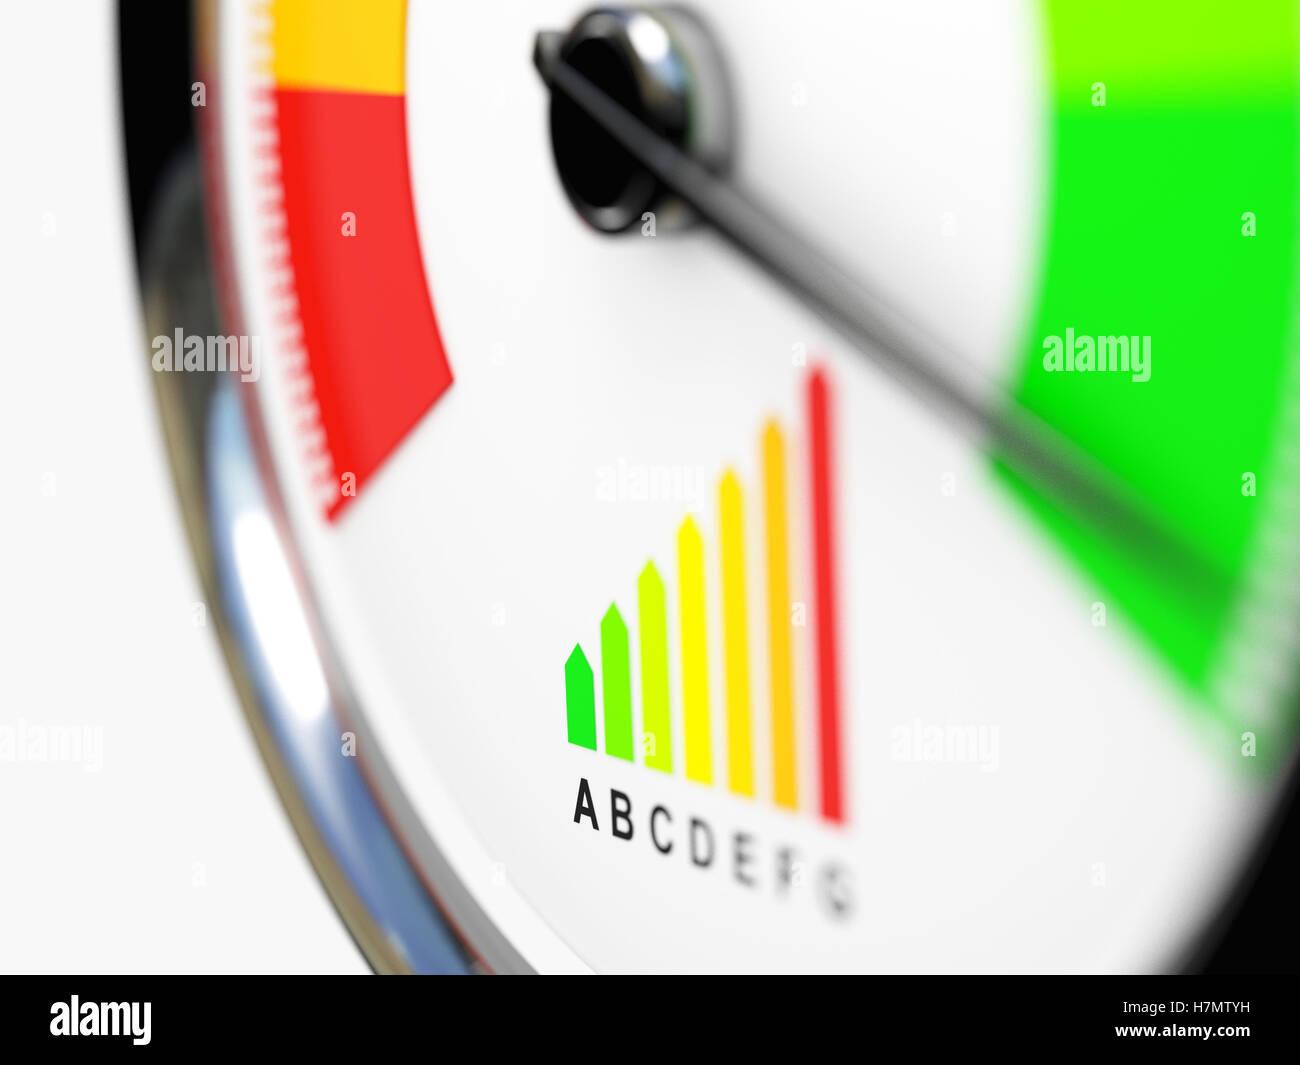 speedometer energy efficiency 3d rendering image - Stock Image